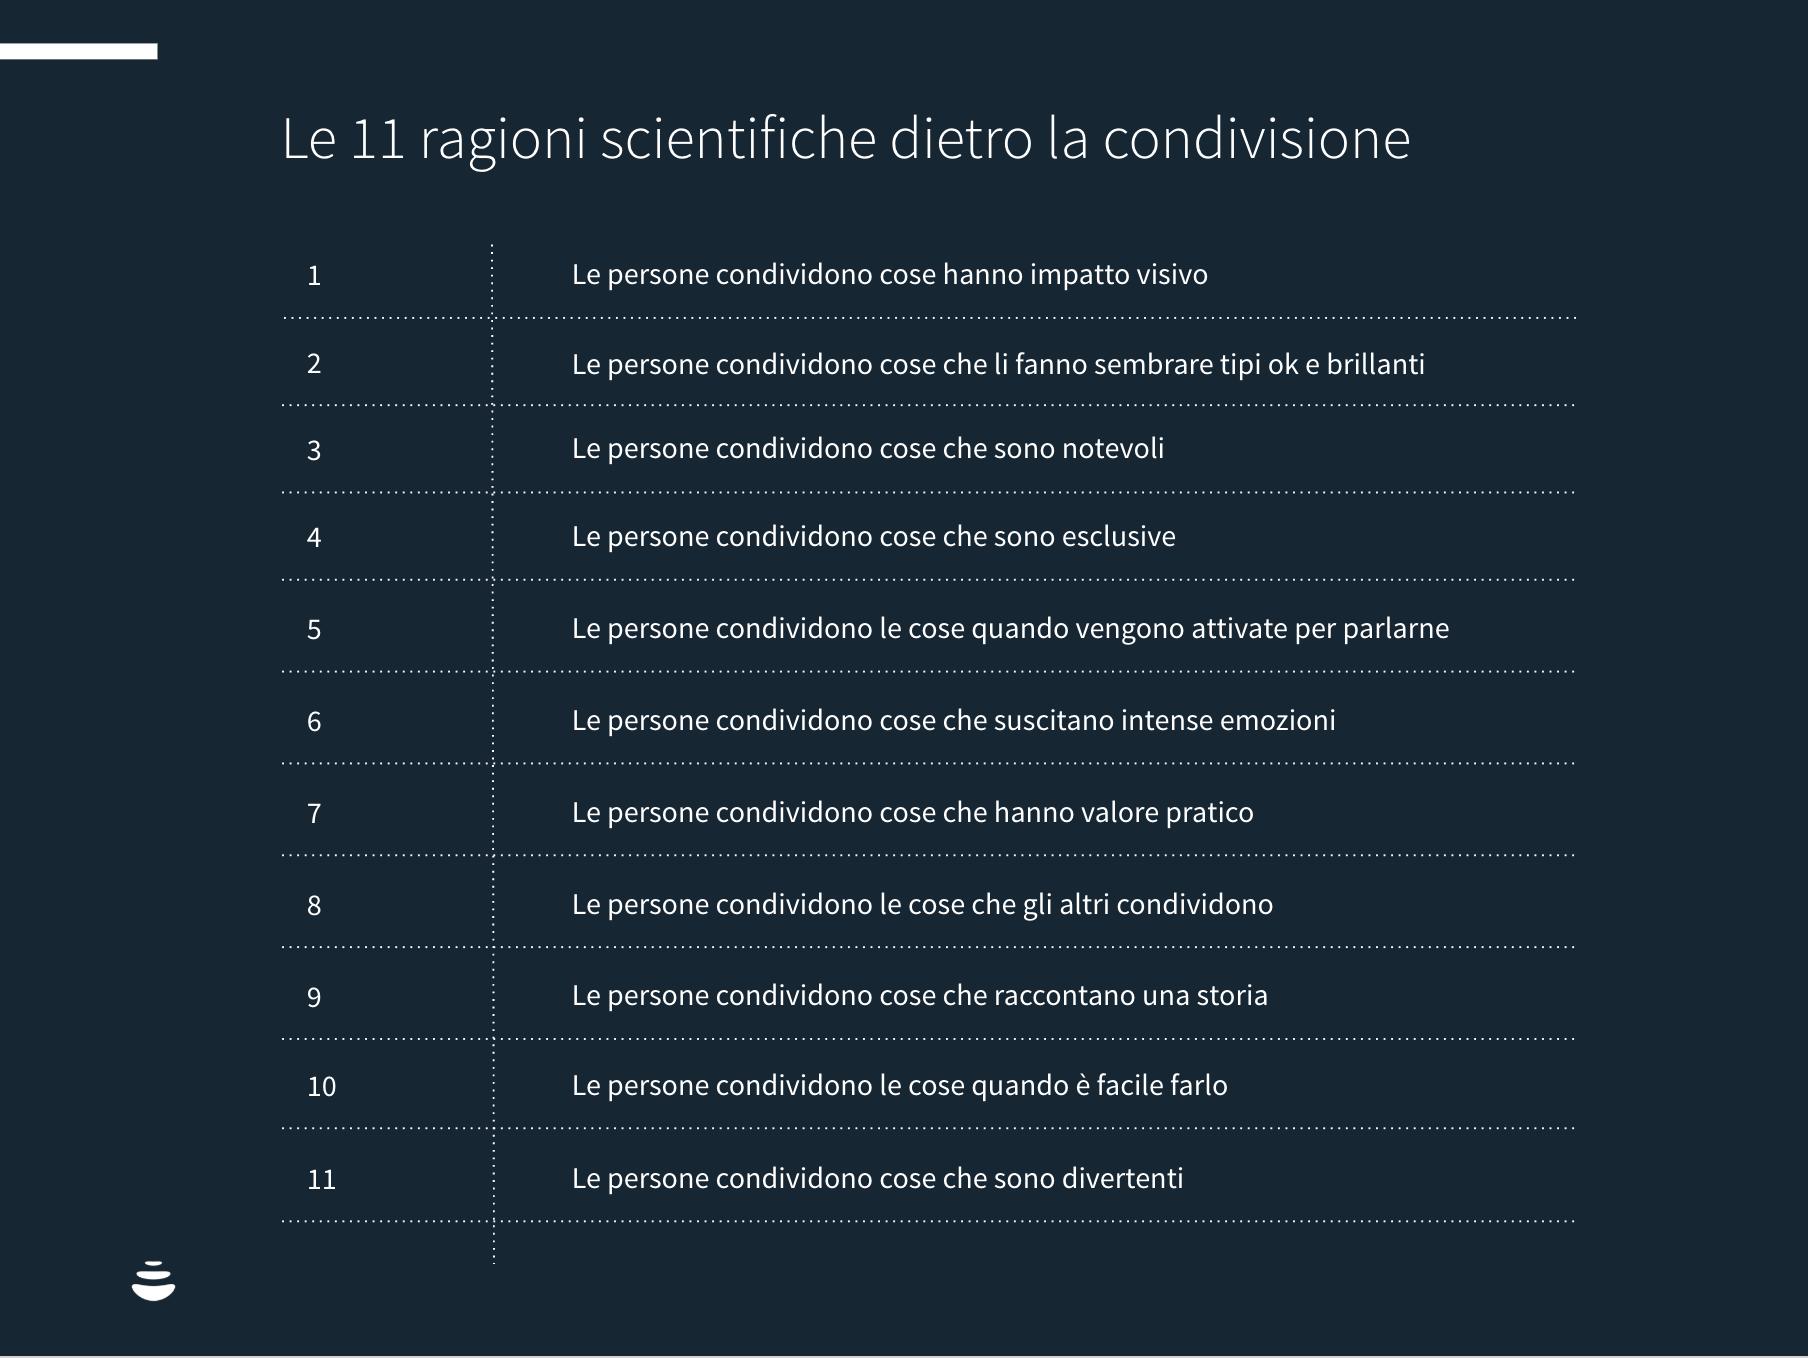 Le 11 ragioni scientifiche dietro la condivisione